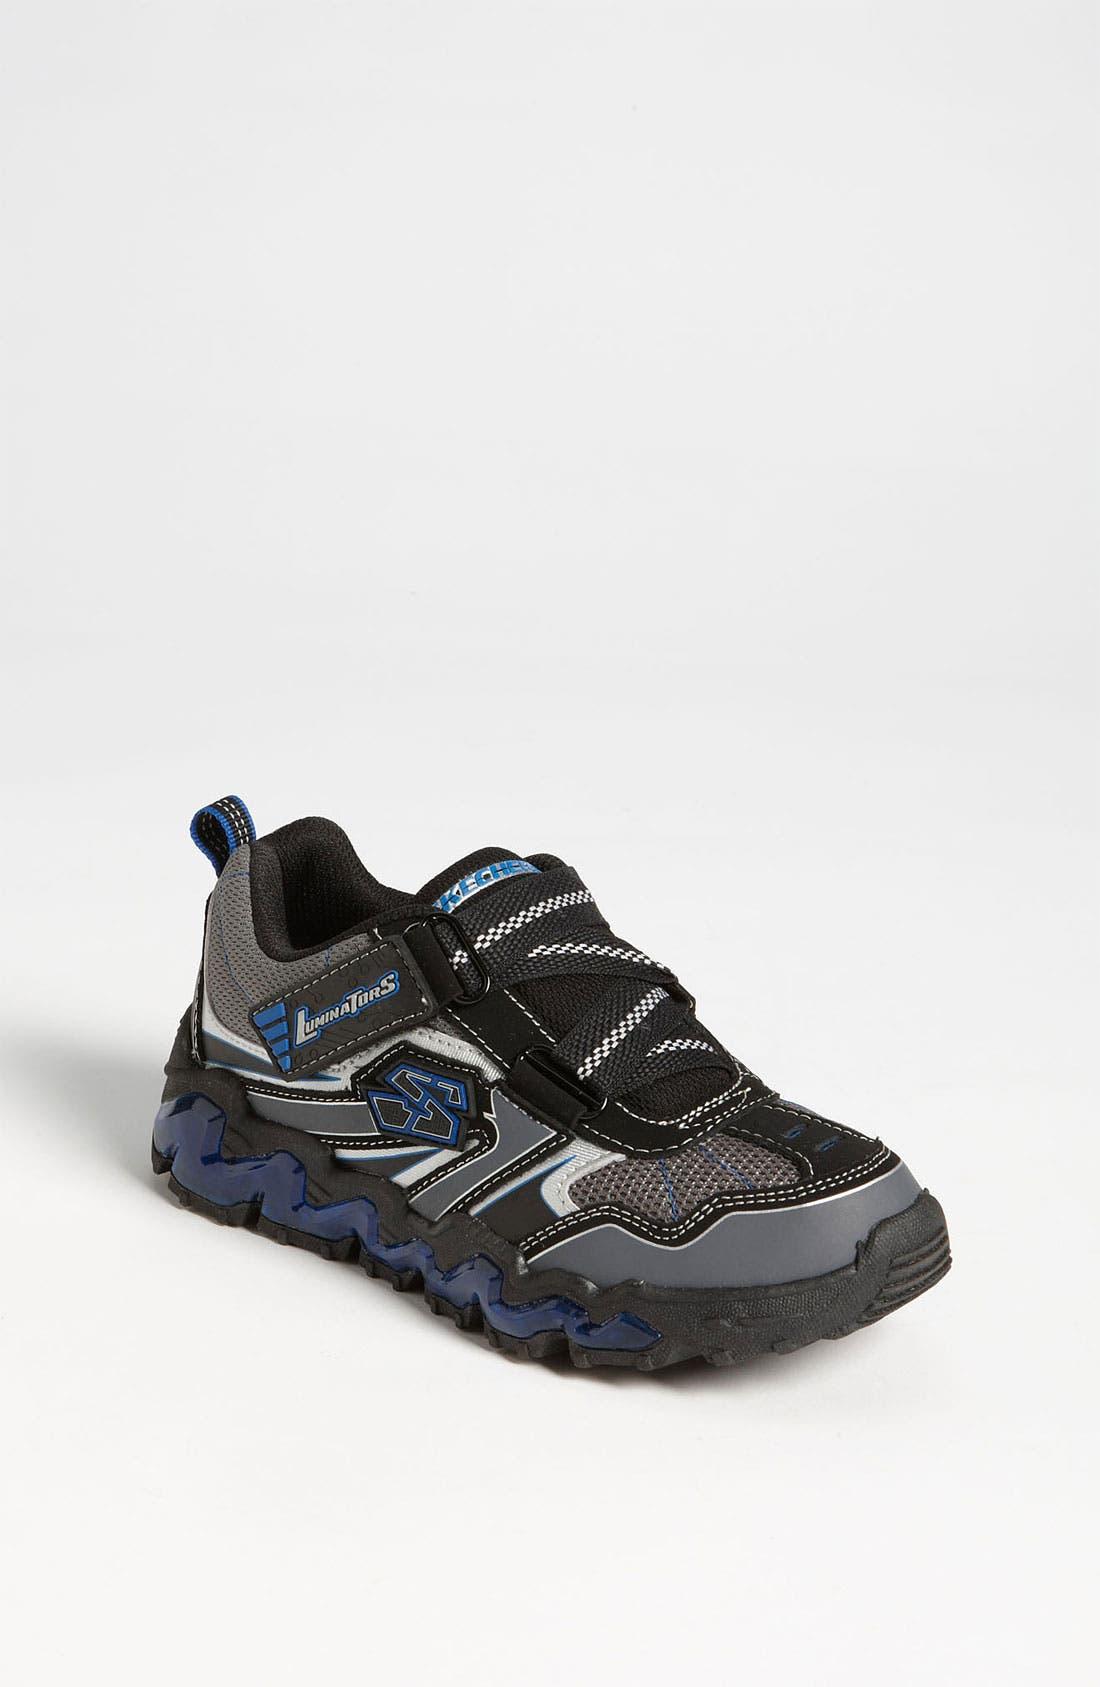 Alternate Image 1 Selected - SKECHERS 'Nova Wave' Light-Up Sneaker (Toddler & Little Kid)